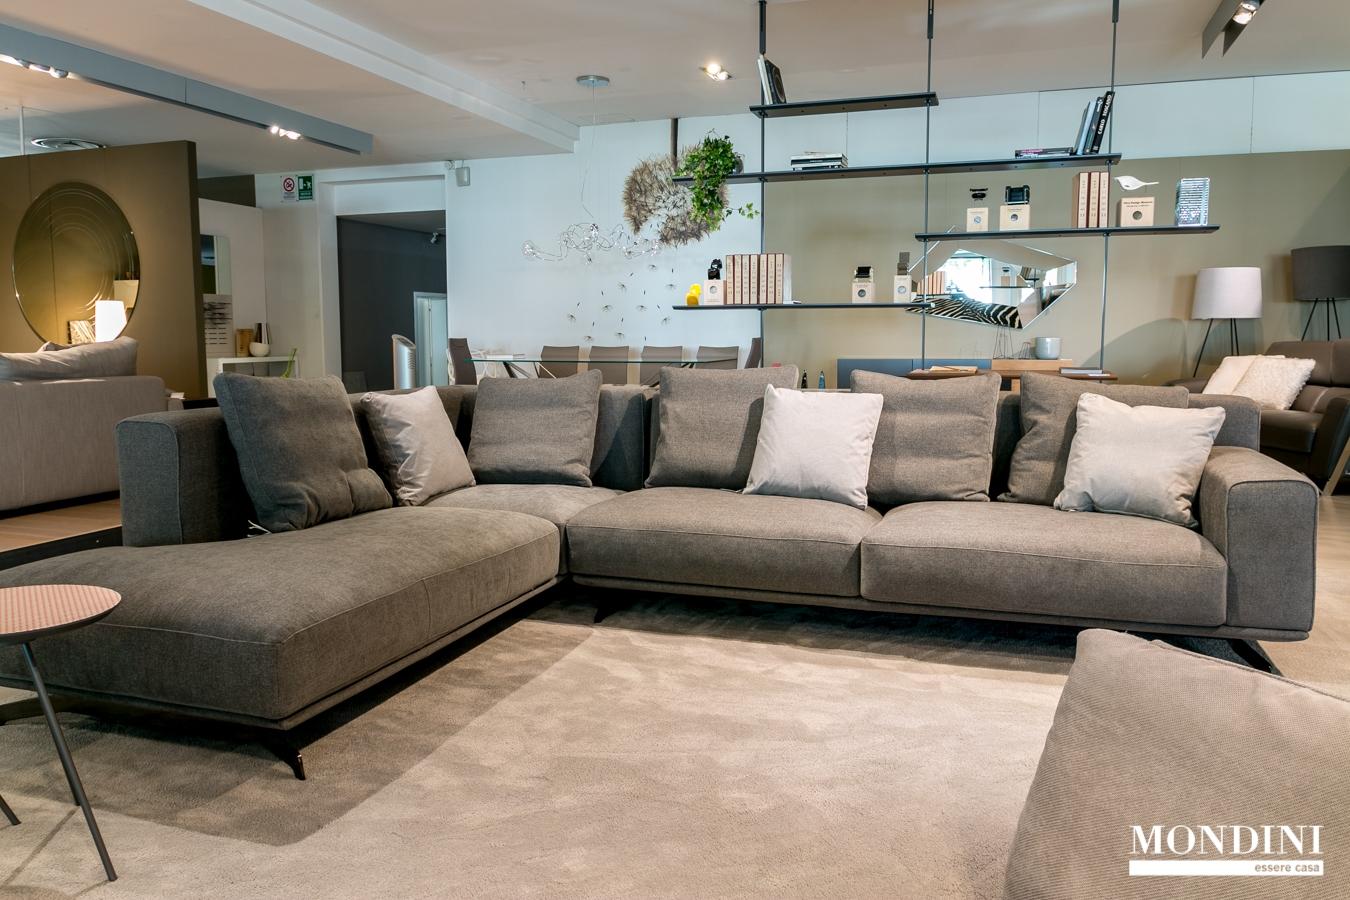 Divano ad angolo ditr italia modello dalton soft scontato del 40 divani a prezzi scontati - Divano ad angolo prezzi ...